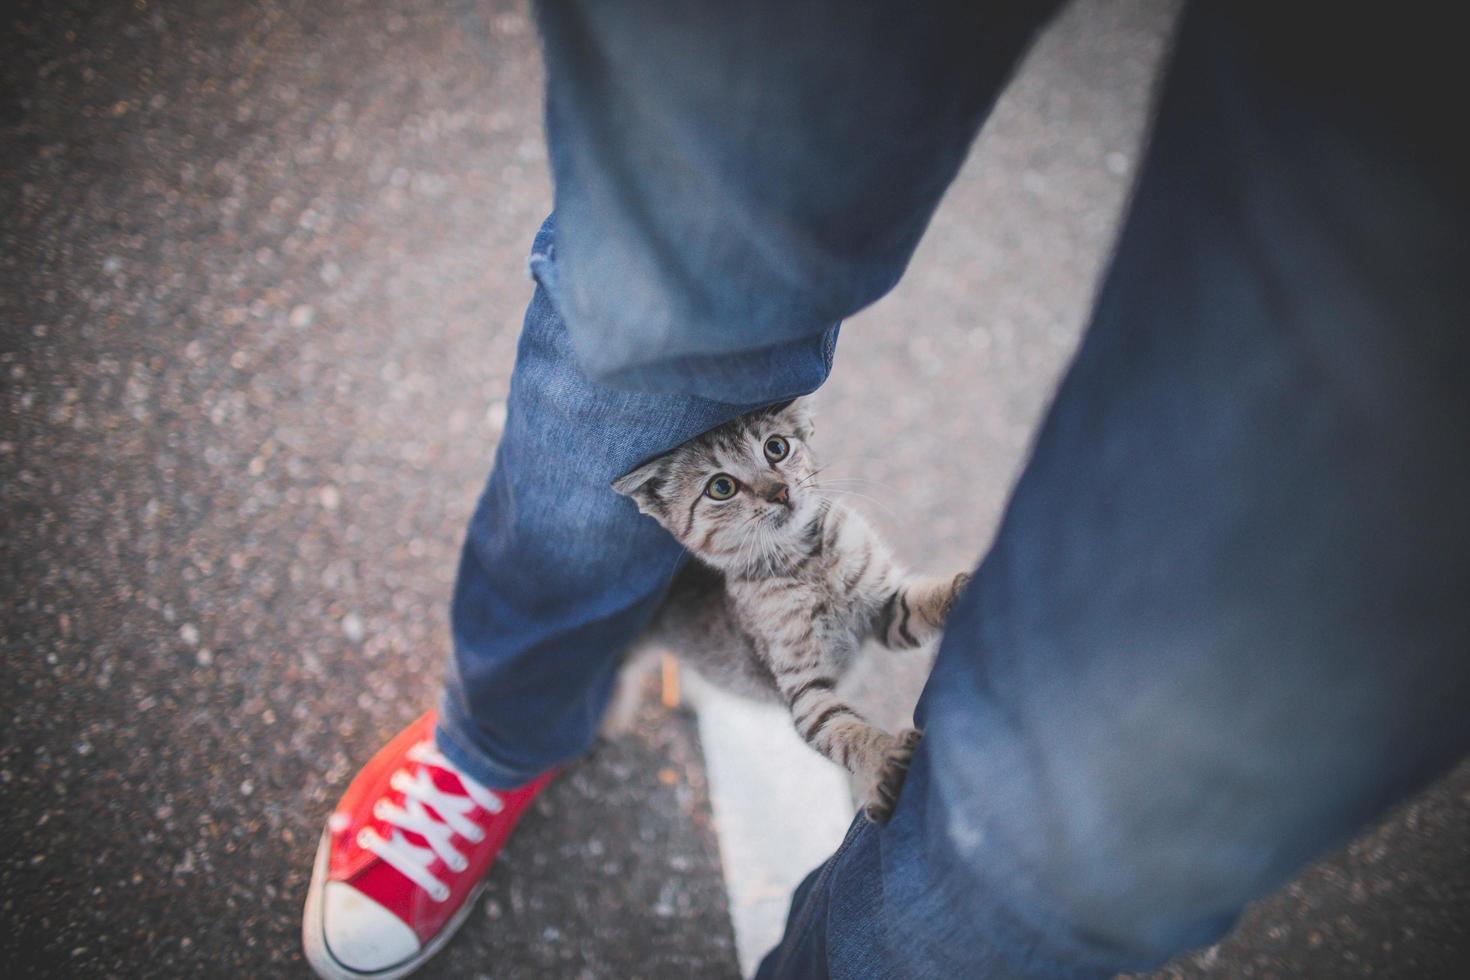 gato en las piernas de la persona con jeans y zapatillas de tenis foto